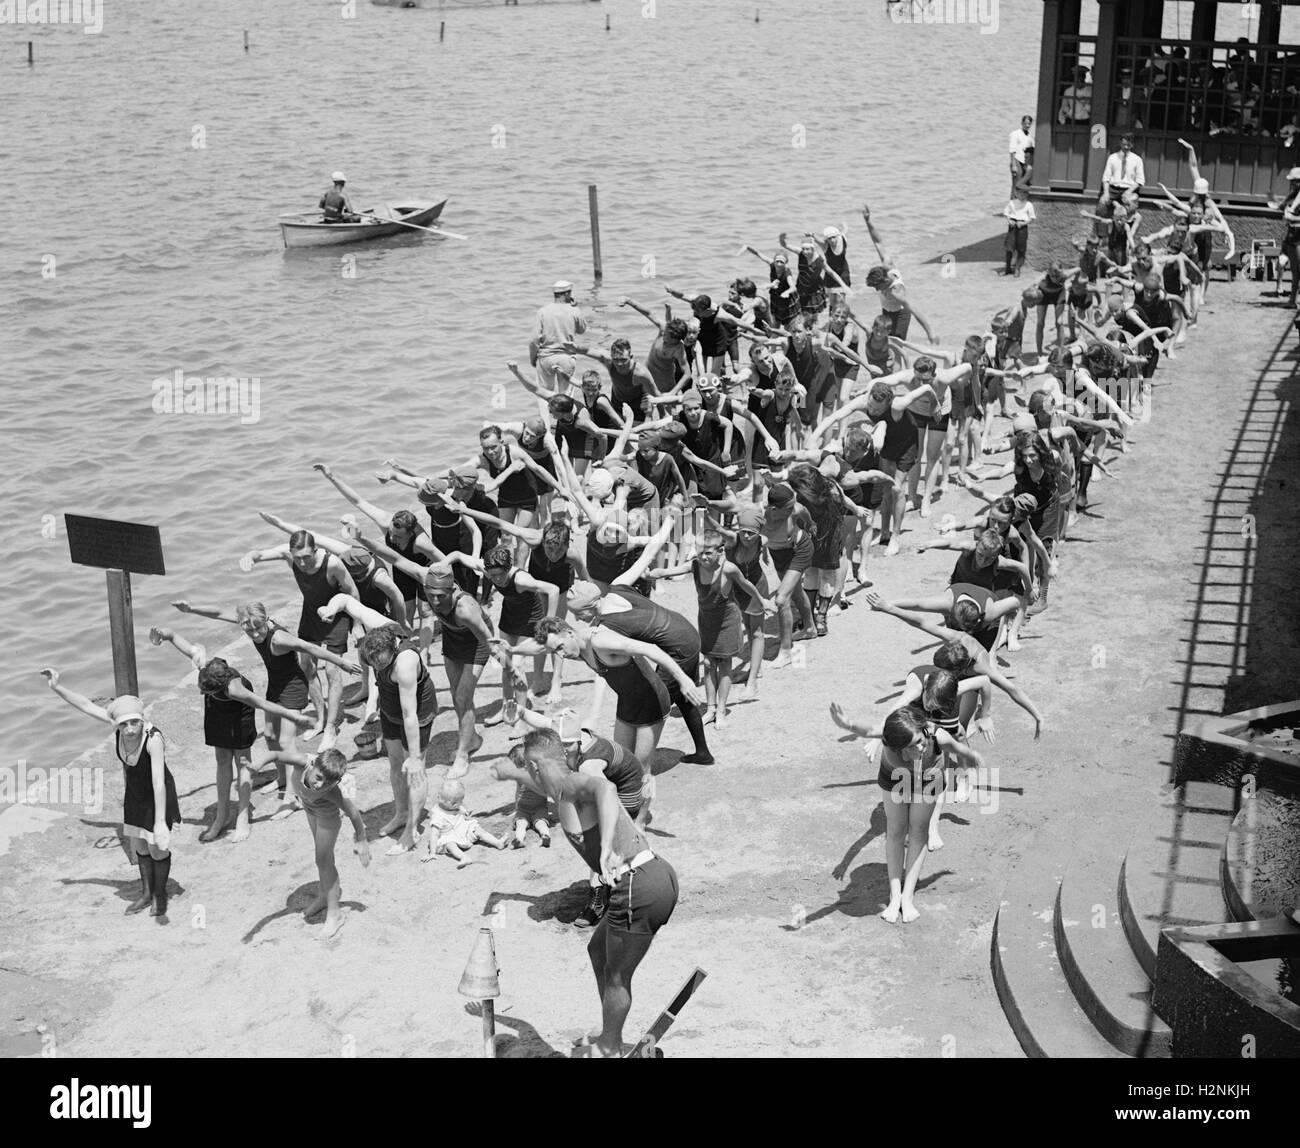 Las clases de natación en la playa para bañarse, Washington DC, EE.UU., National Photo Company, julio de 1922 Foto de stock